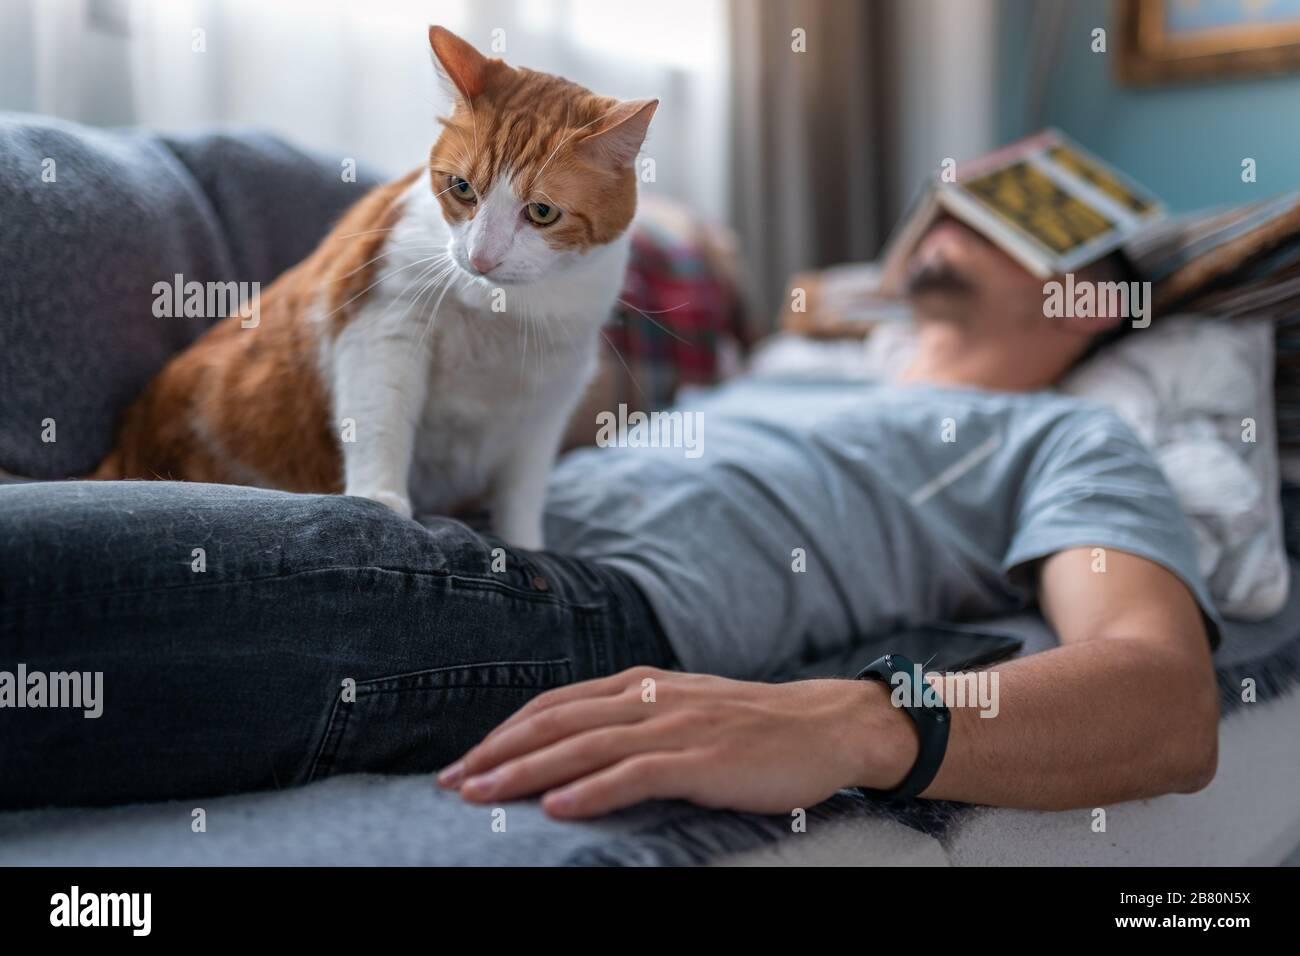 El joven se queda dormido en el sofá con un libro en la cara. Un gato blanco y marrón se sienta encima de él Foto de stock